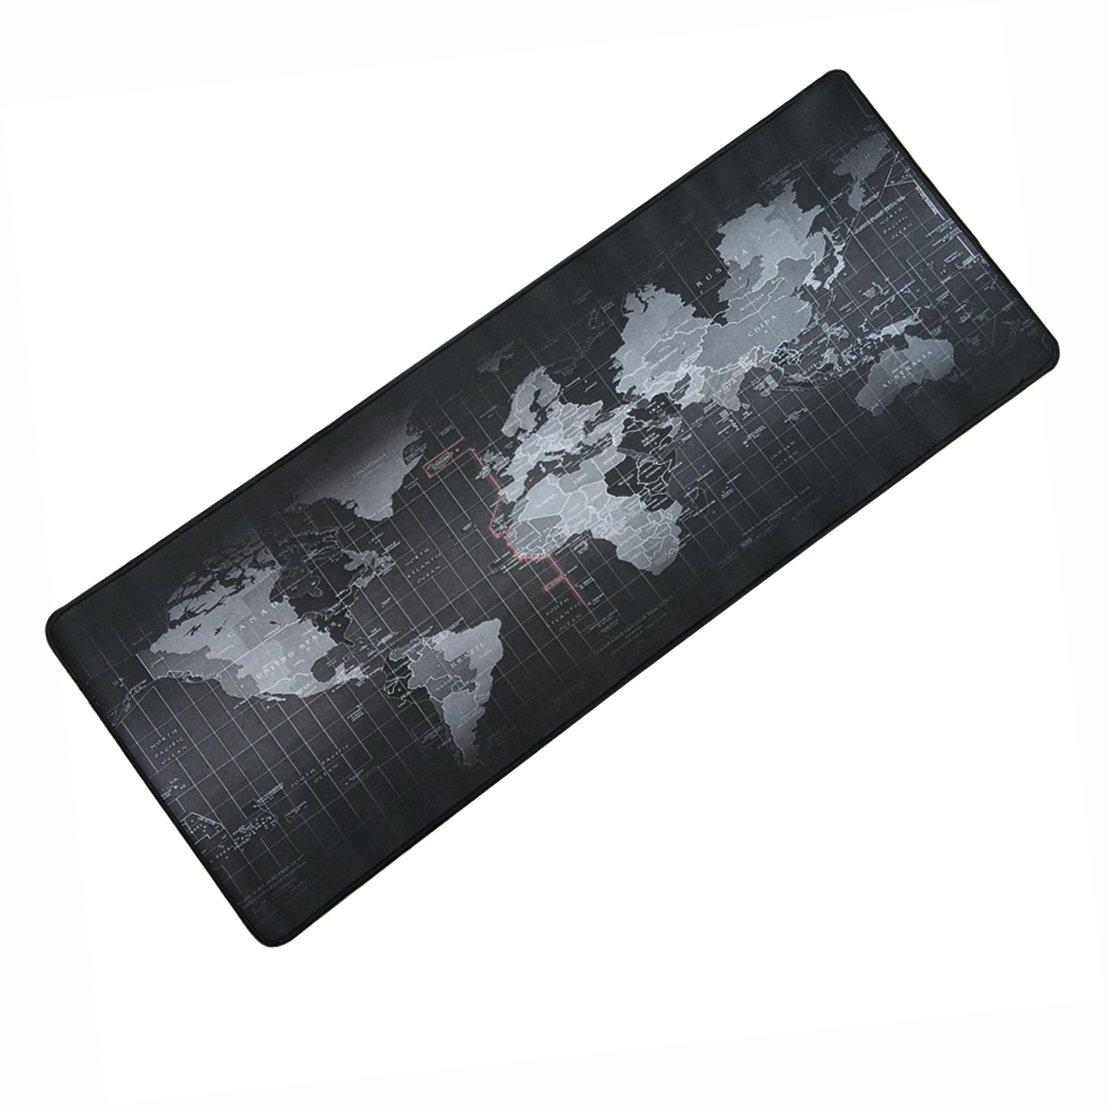 da gioco con superficie liscia e gomma antiscivolo bordi cuciti Hooyee Mouse pad//tappetino ampio